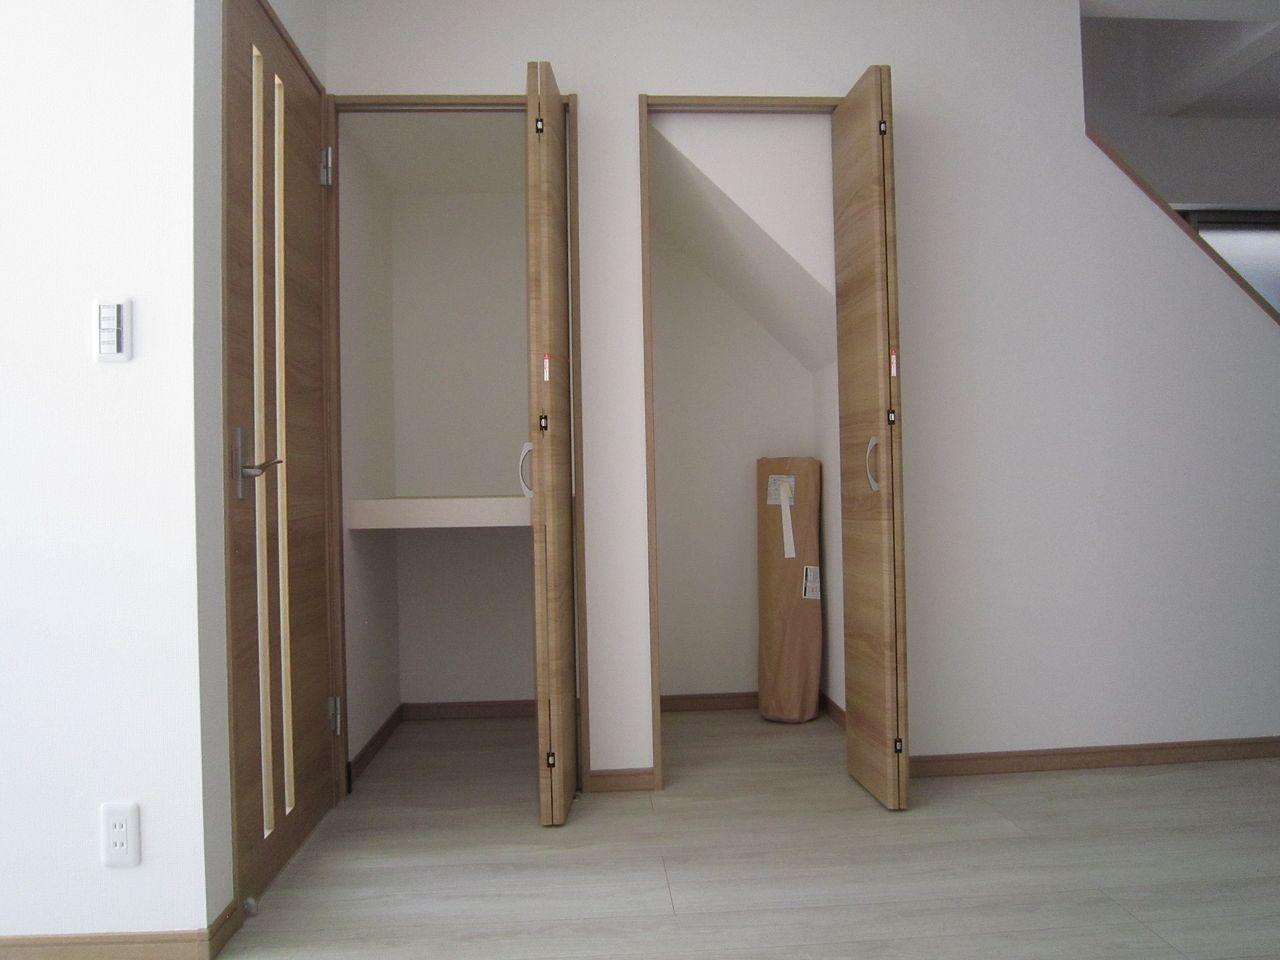 LDKに設置された階段下の収納スペースは掃除機やティッシュなどの収納で生活感を隠すのに最適。